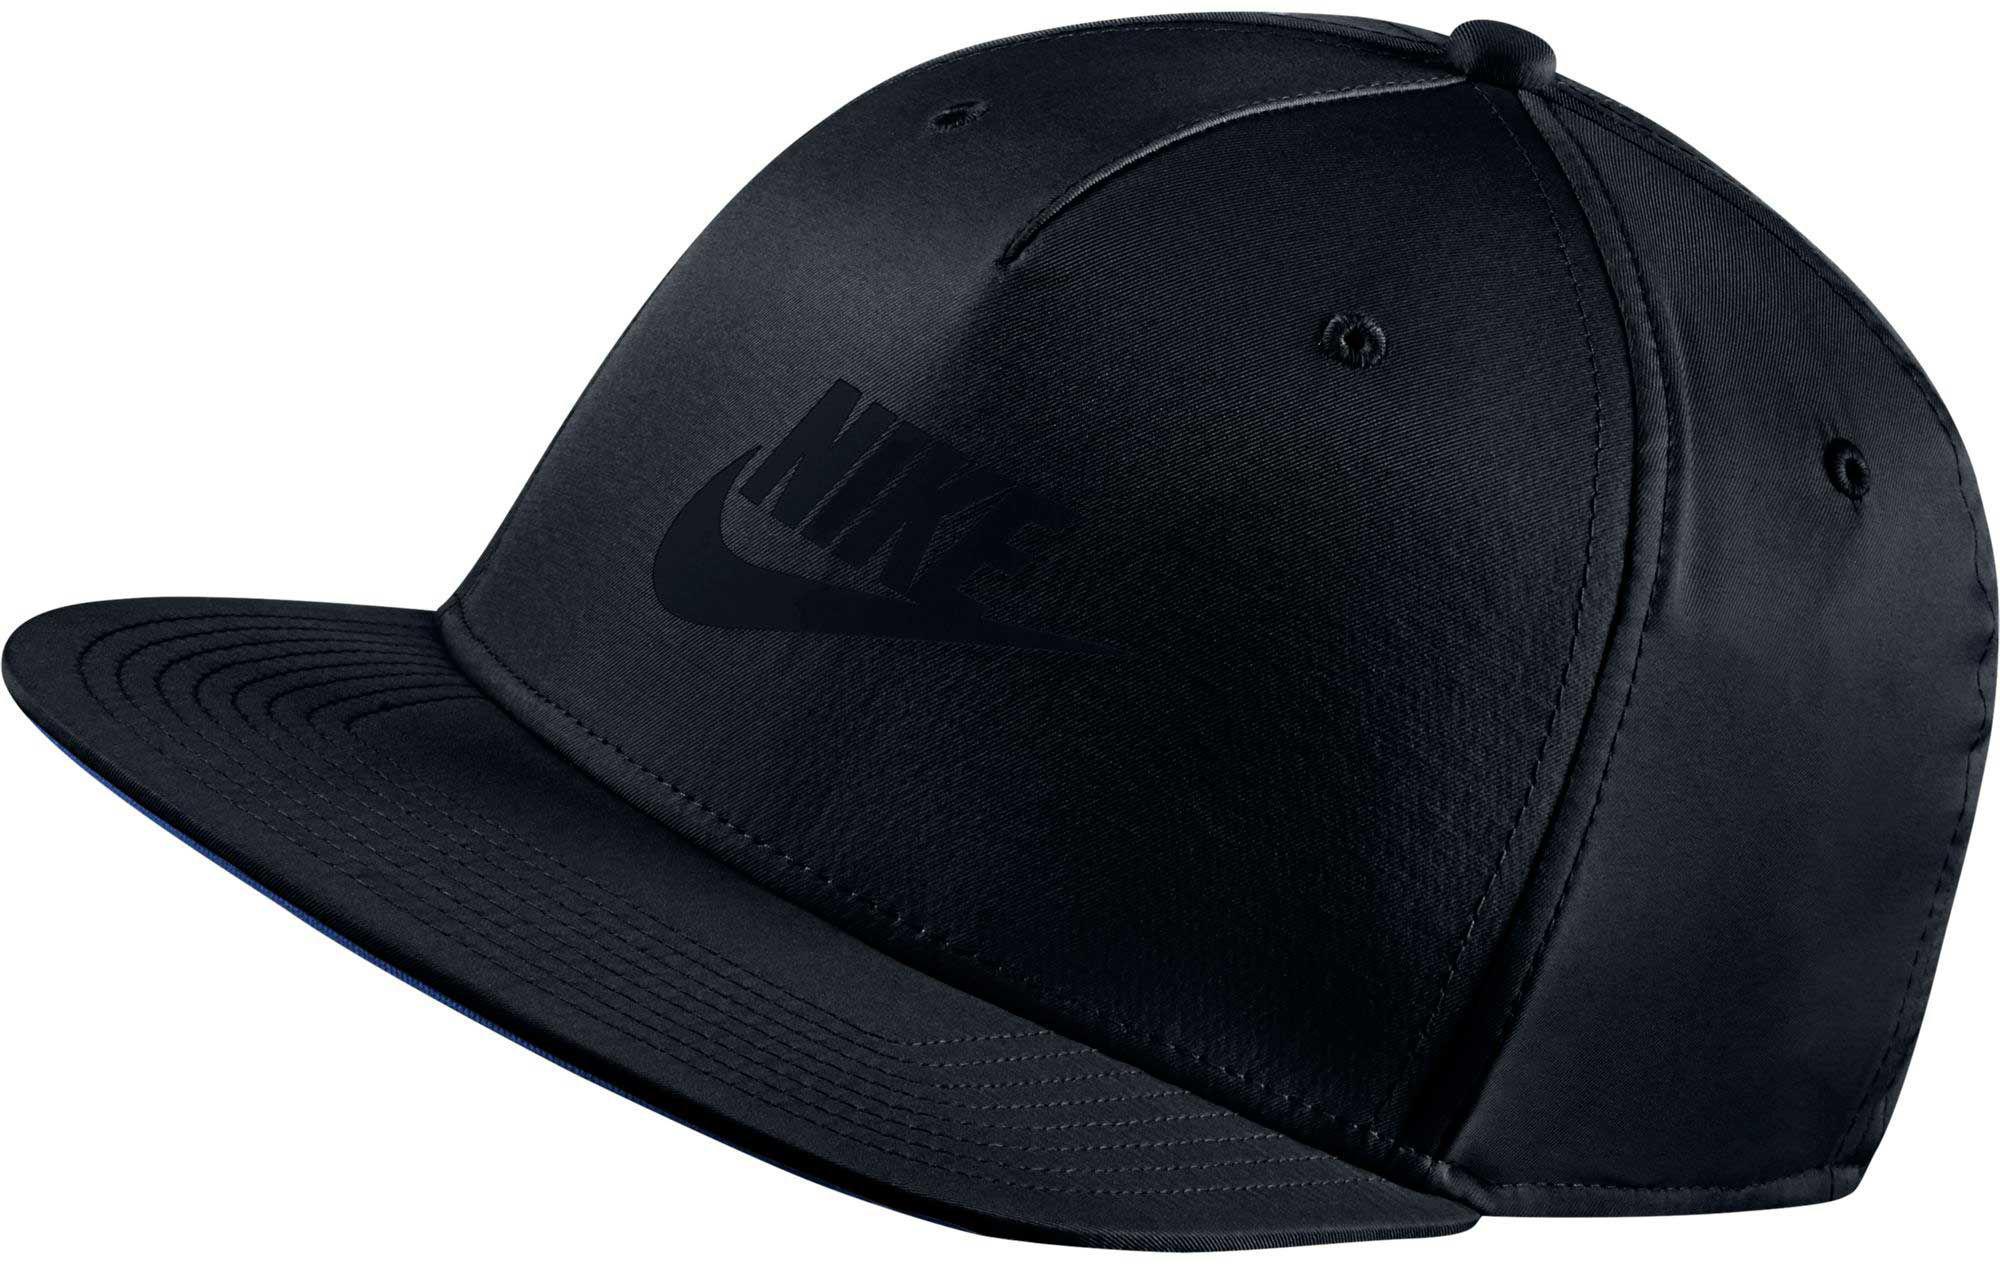 b1bcd623 Nike Pro Sportswear Avenue 15 Adjustable Hat in Black for Men - Lyst